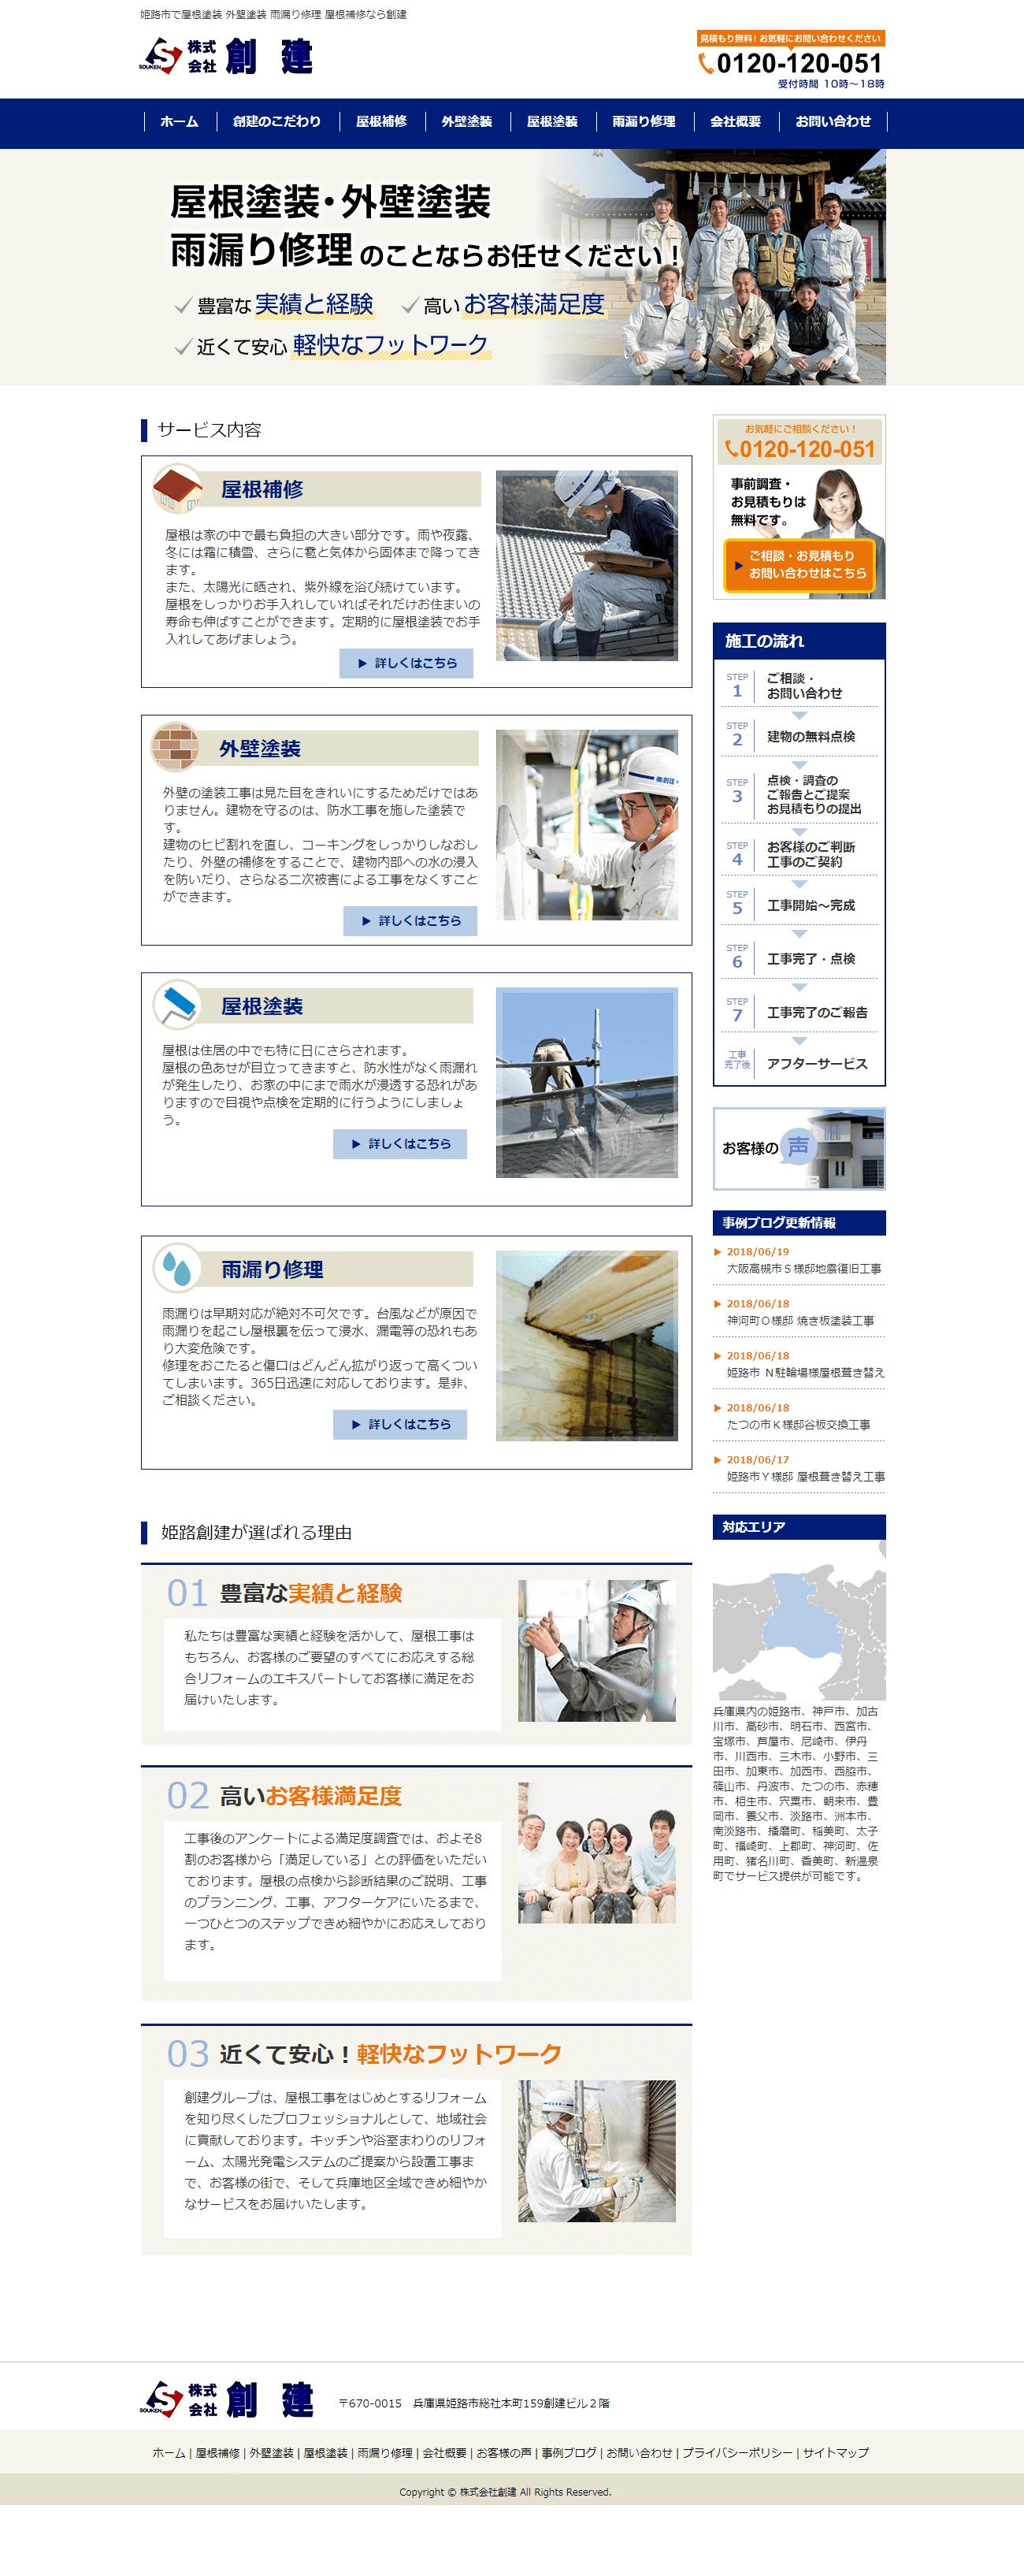 姫路市 株式会社創建様 ホームページ制作1